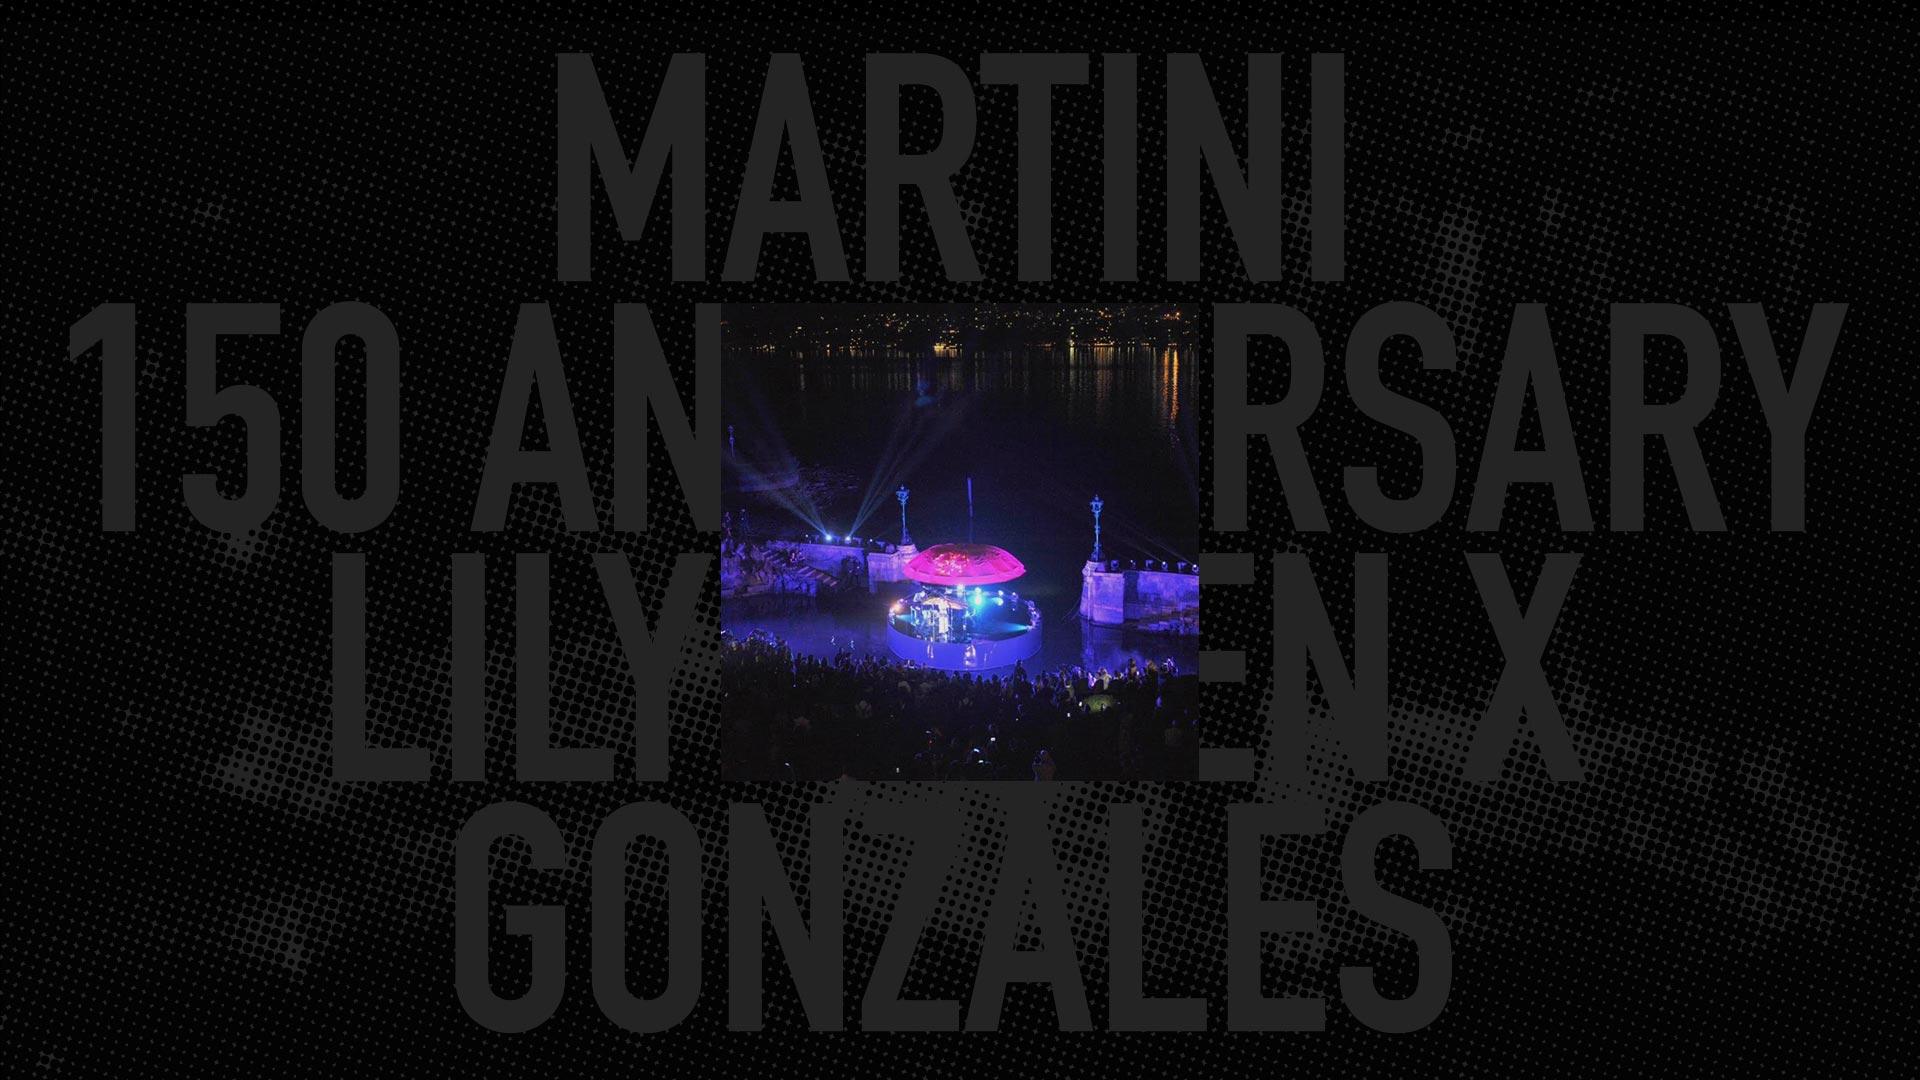 MARTINI<br/>150 ANNIVERSARY<br/>LILY ALLEN X GONZALES